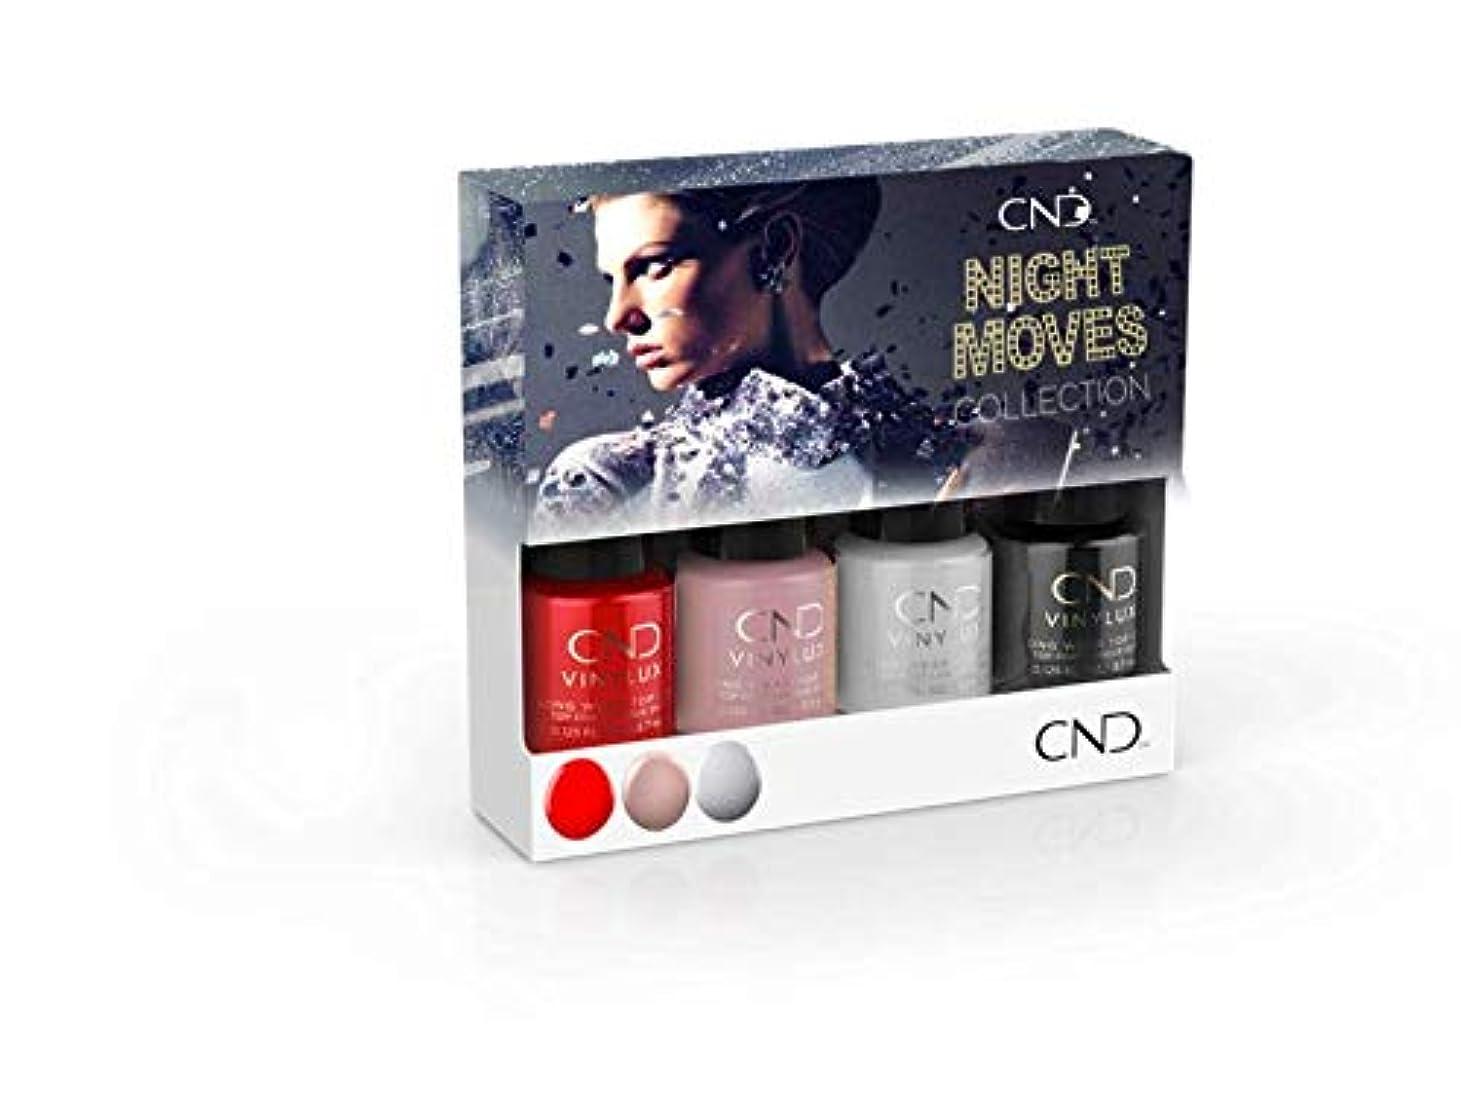 マインドフル全く観点CND Vinylux - Night Moves The Collection - Mini 4pk - 3.7 mL / 0.125 oz